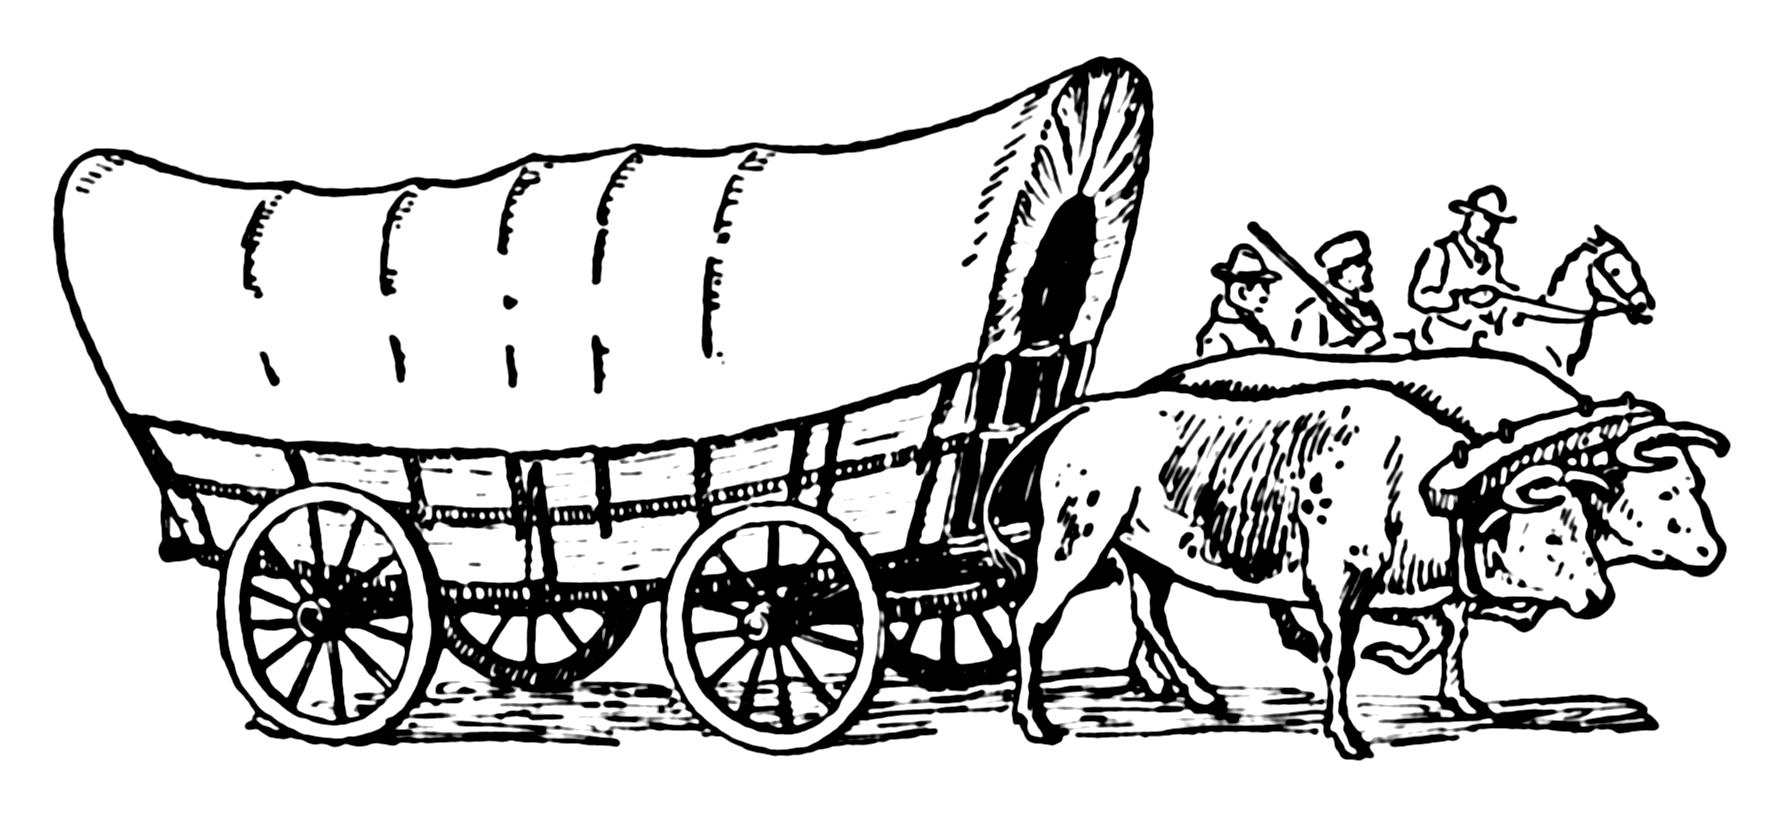 1783x818 Wagon Drawings The Wagon